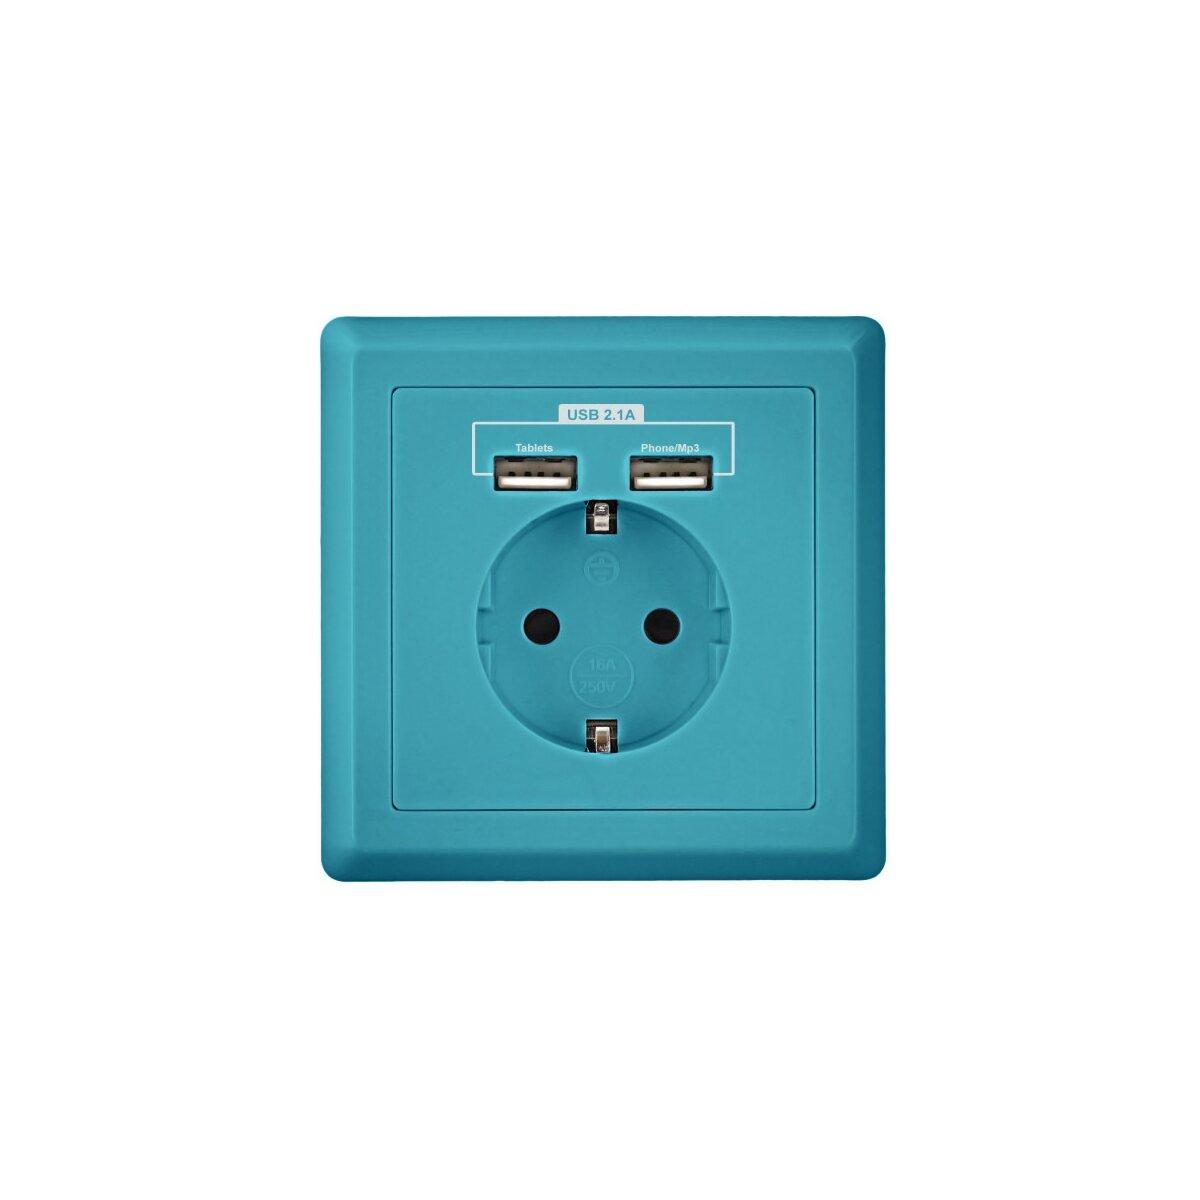 Blau - Minadax Schuko Steckdose mit 2 x USB Anschluss